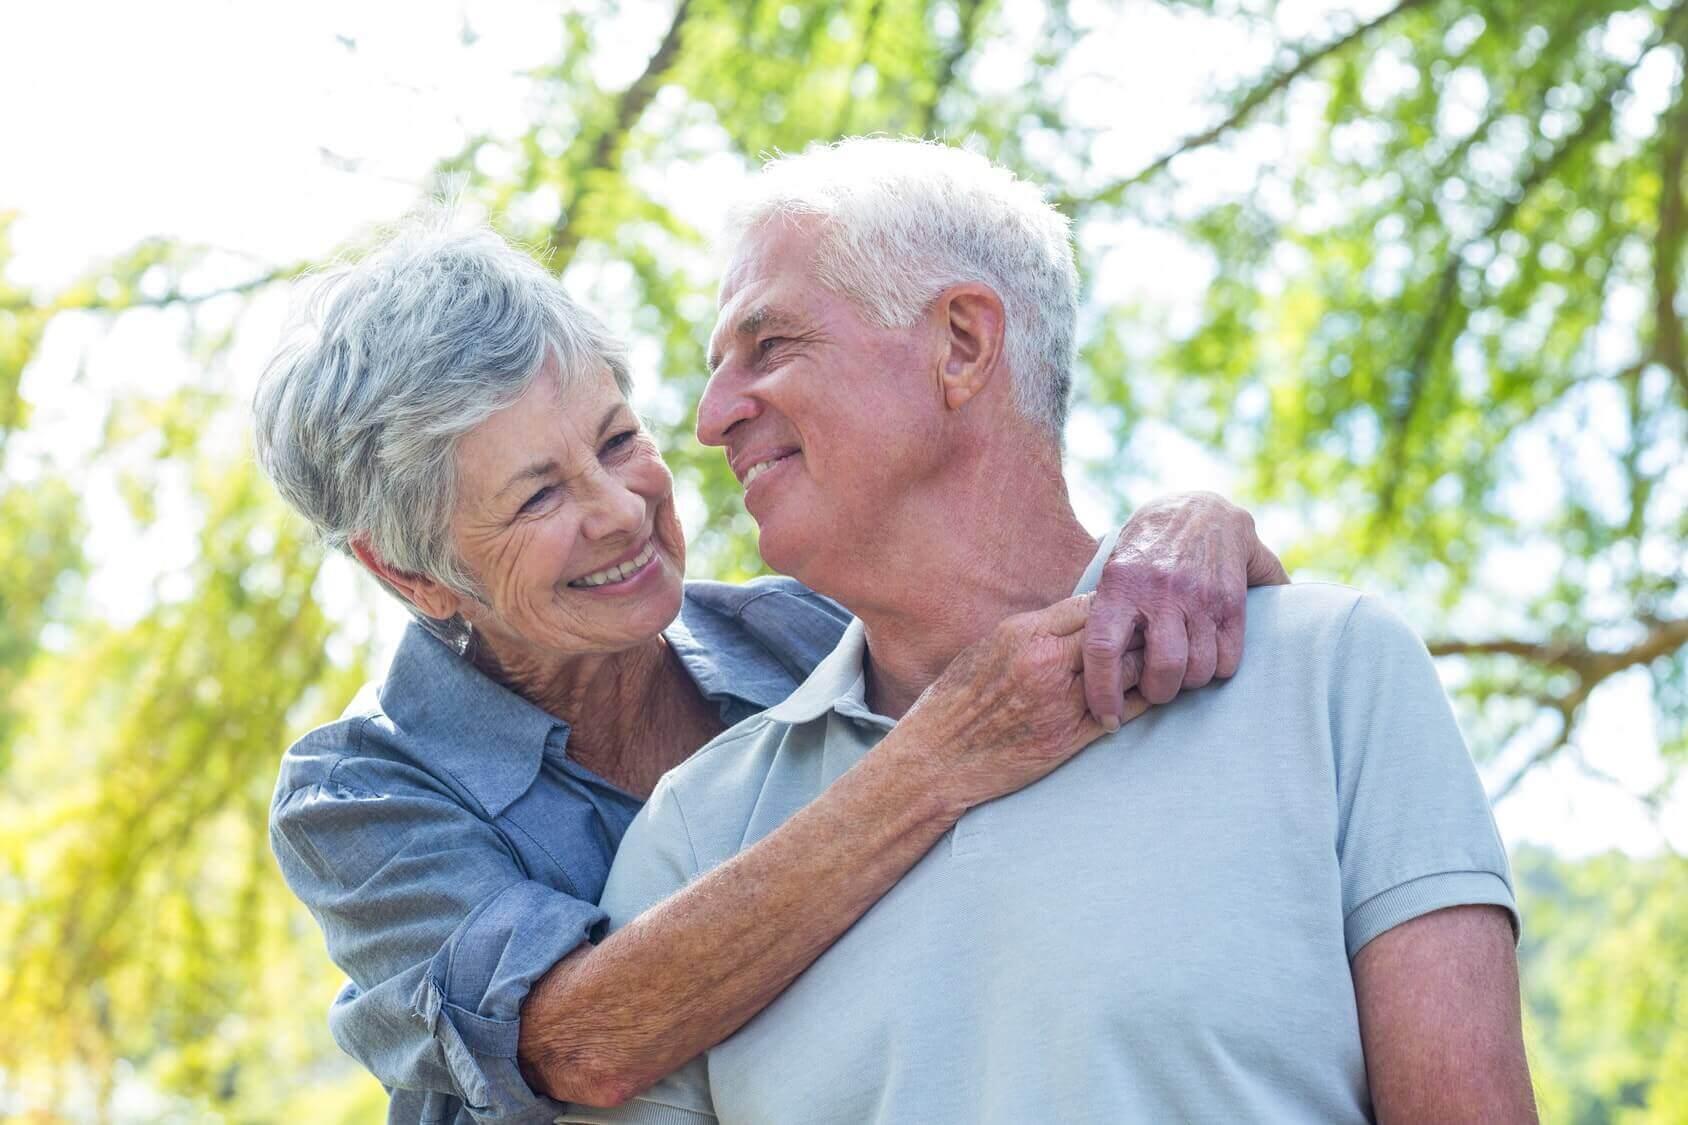 L'auriculothérapie : l'histoire d'un patient atteint de la maladie de Parkinson – Améliore ta Santé